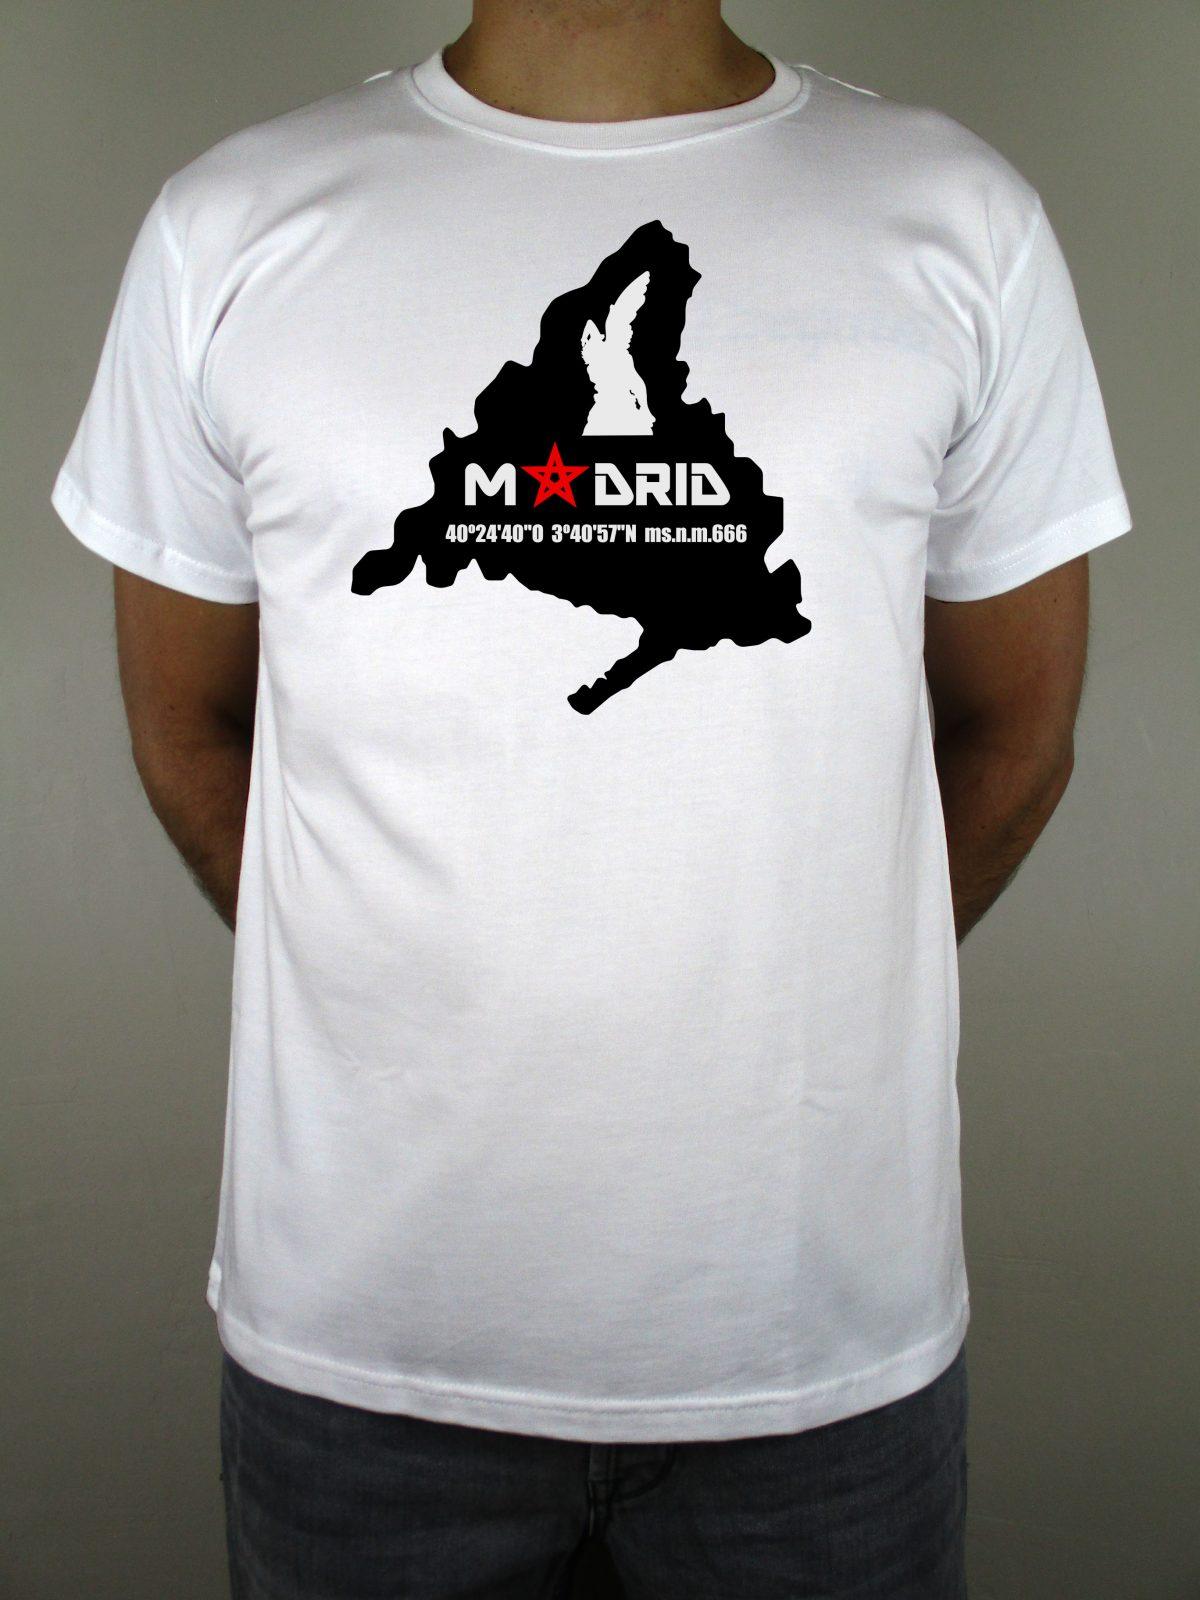 Camiseta blanca Chulapo con diseño de la Comunidad y del ángel caído que encontramos en el Parque del Retiro. Una camiseta original con las coordenadas de la escultura. De impresión digital y algodón de calidad. Inmejorable.